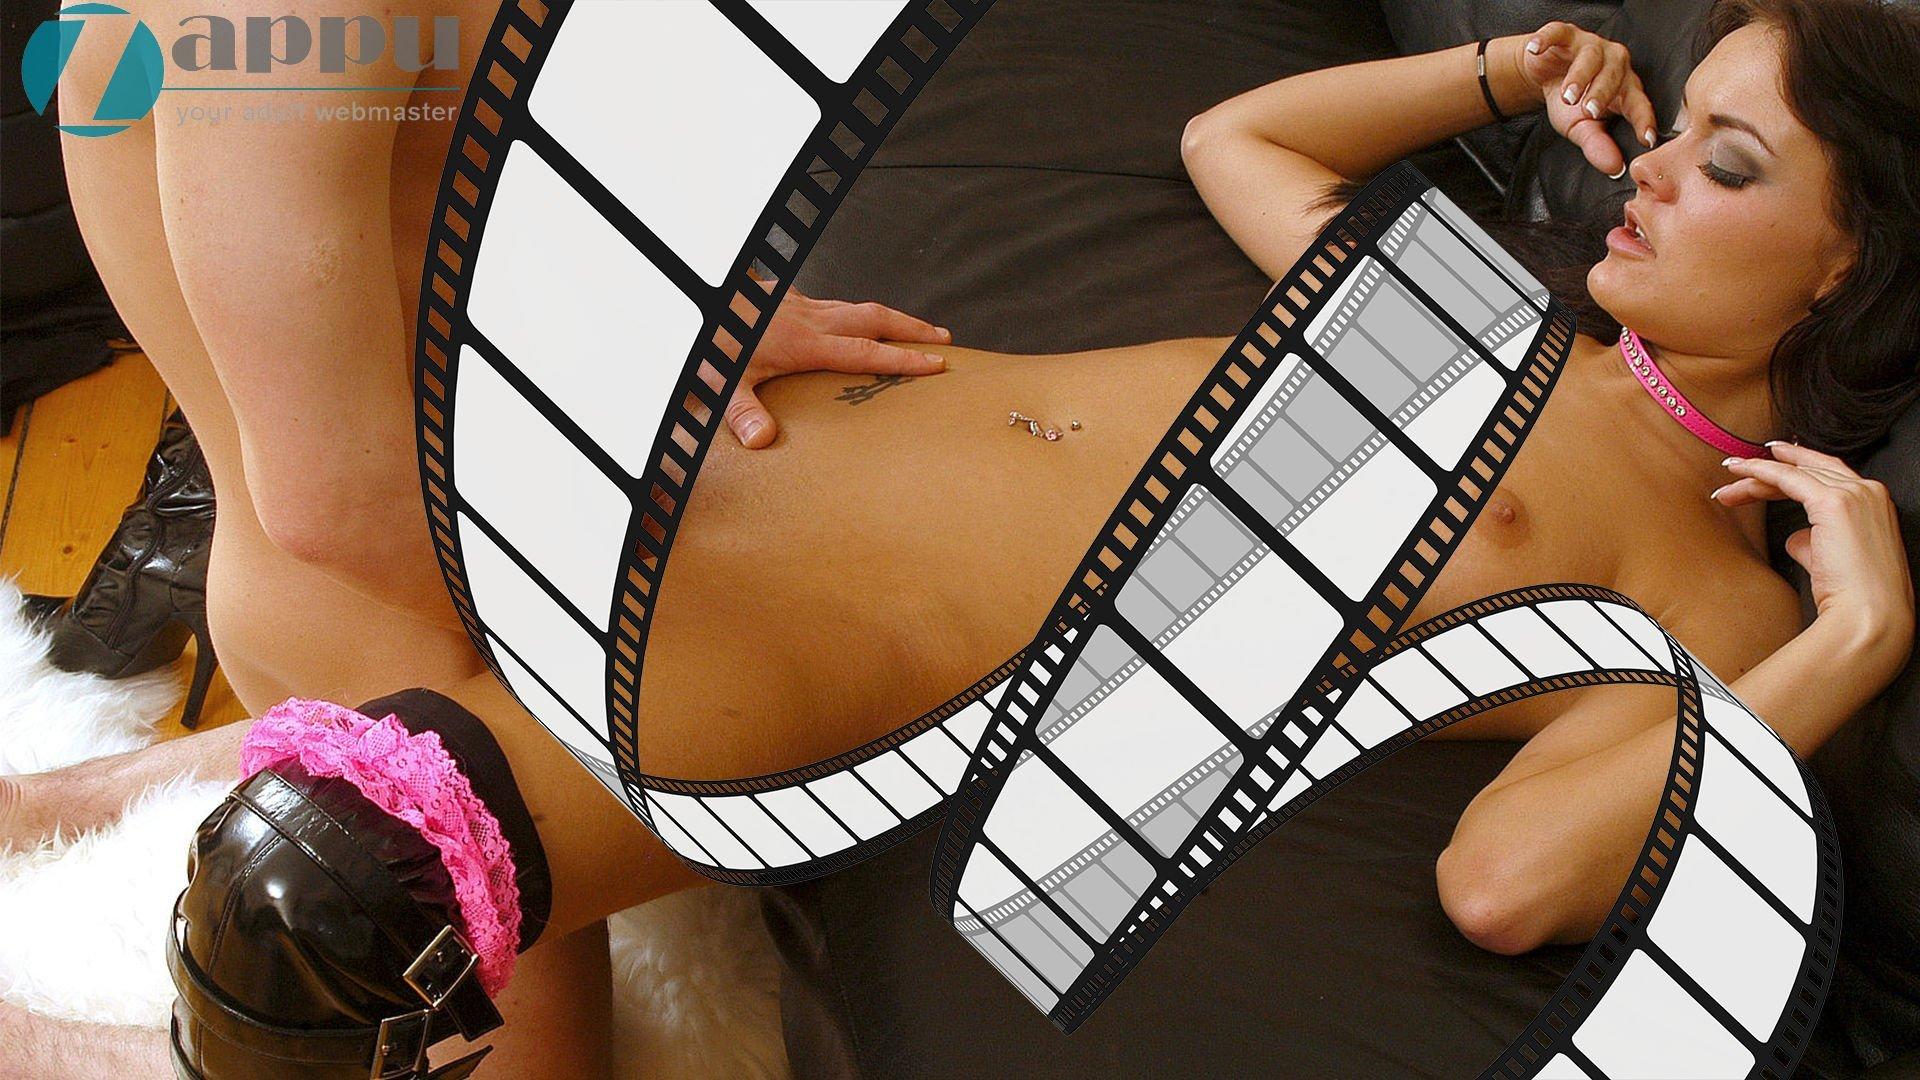 Tipps zum Videoschnitt beim Pornofilm – Teil II 10